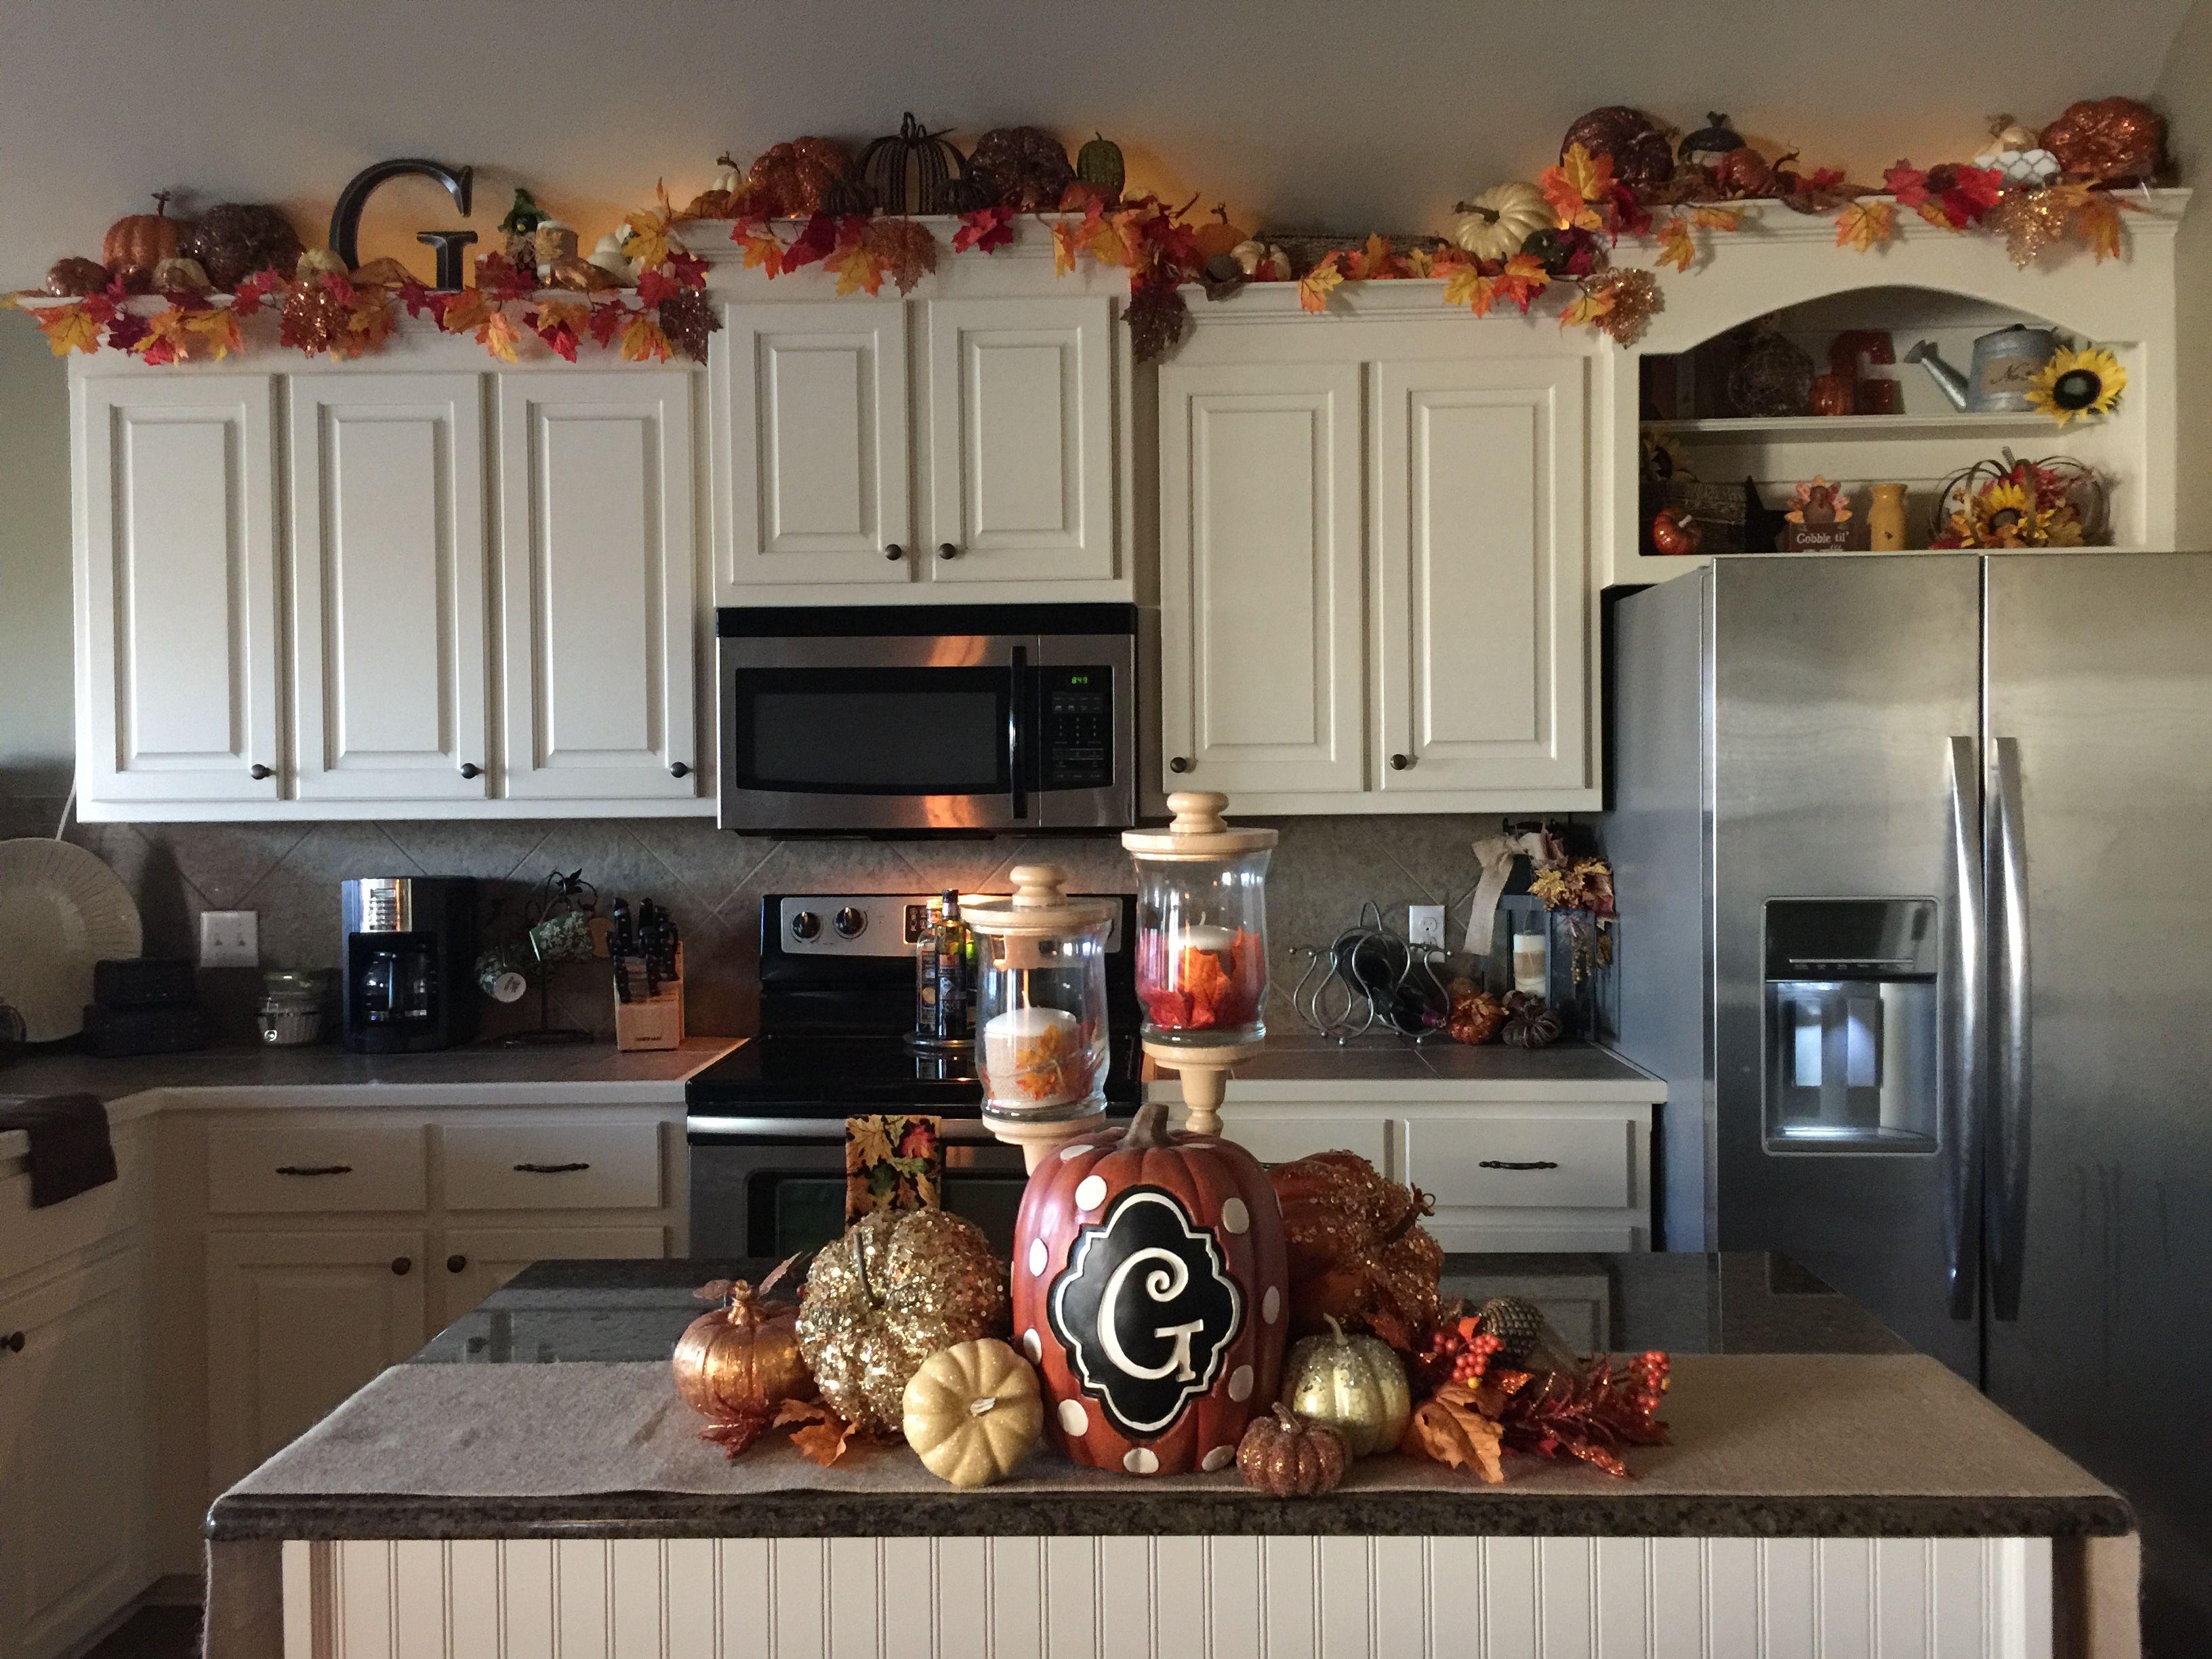 san antonio kitchen remodeling fall san antonio kitchen remodeling holidays san antonio kitchen remodeling thanksgiving